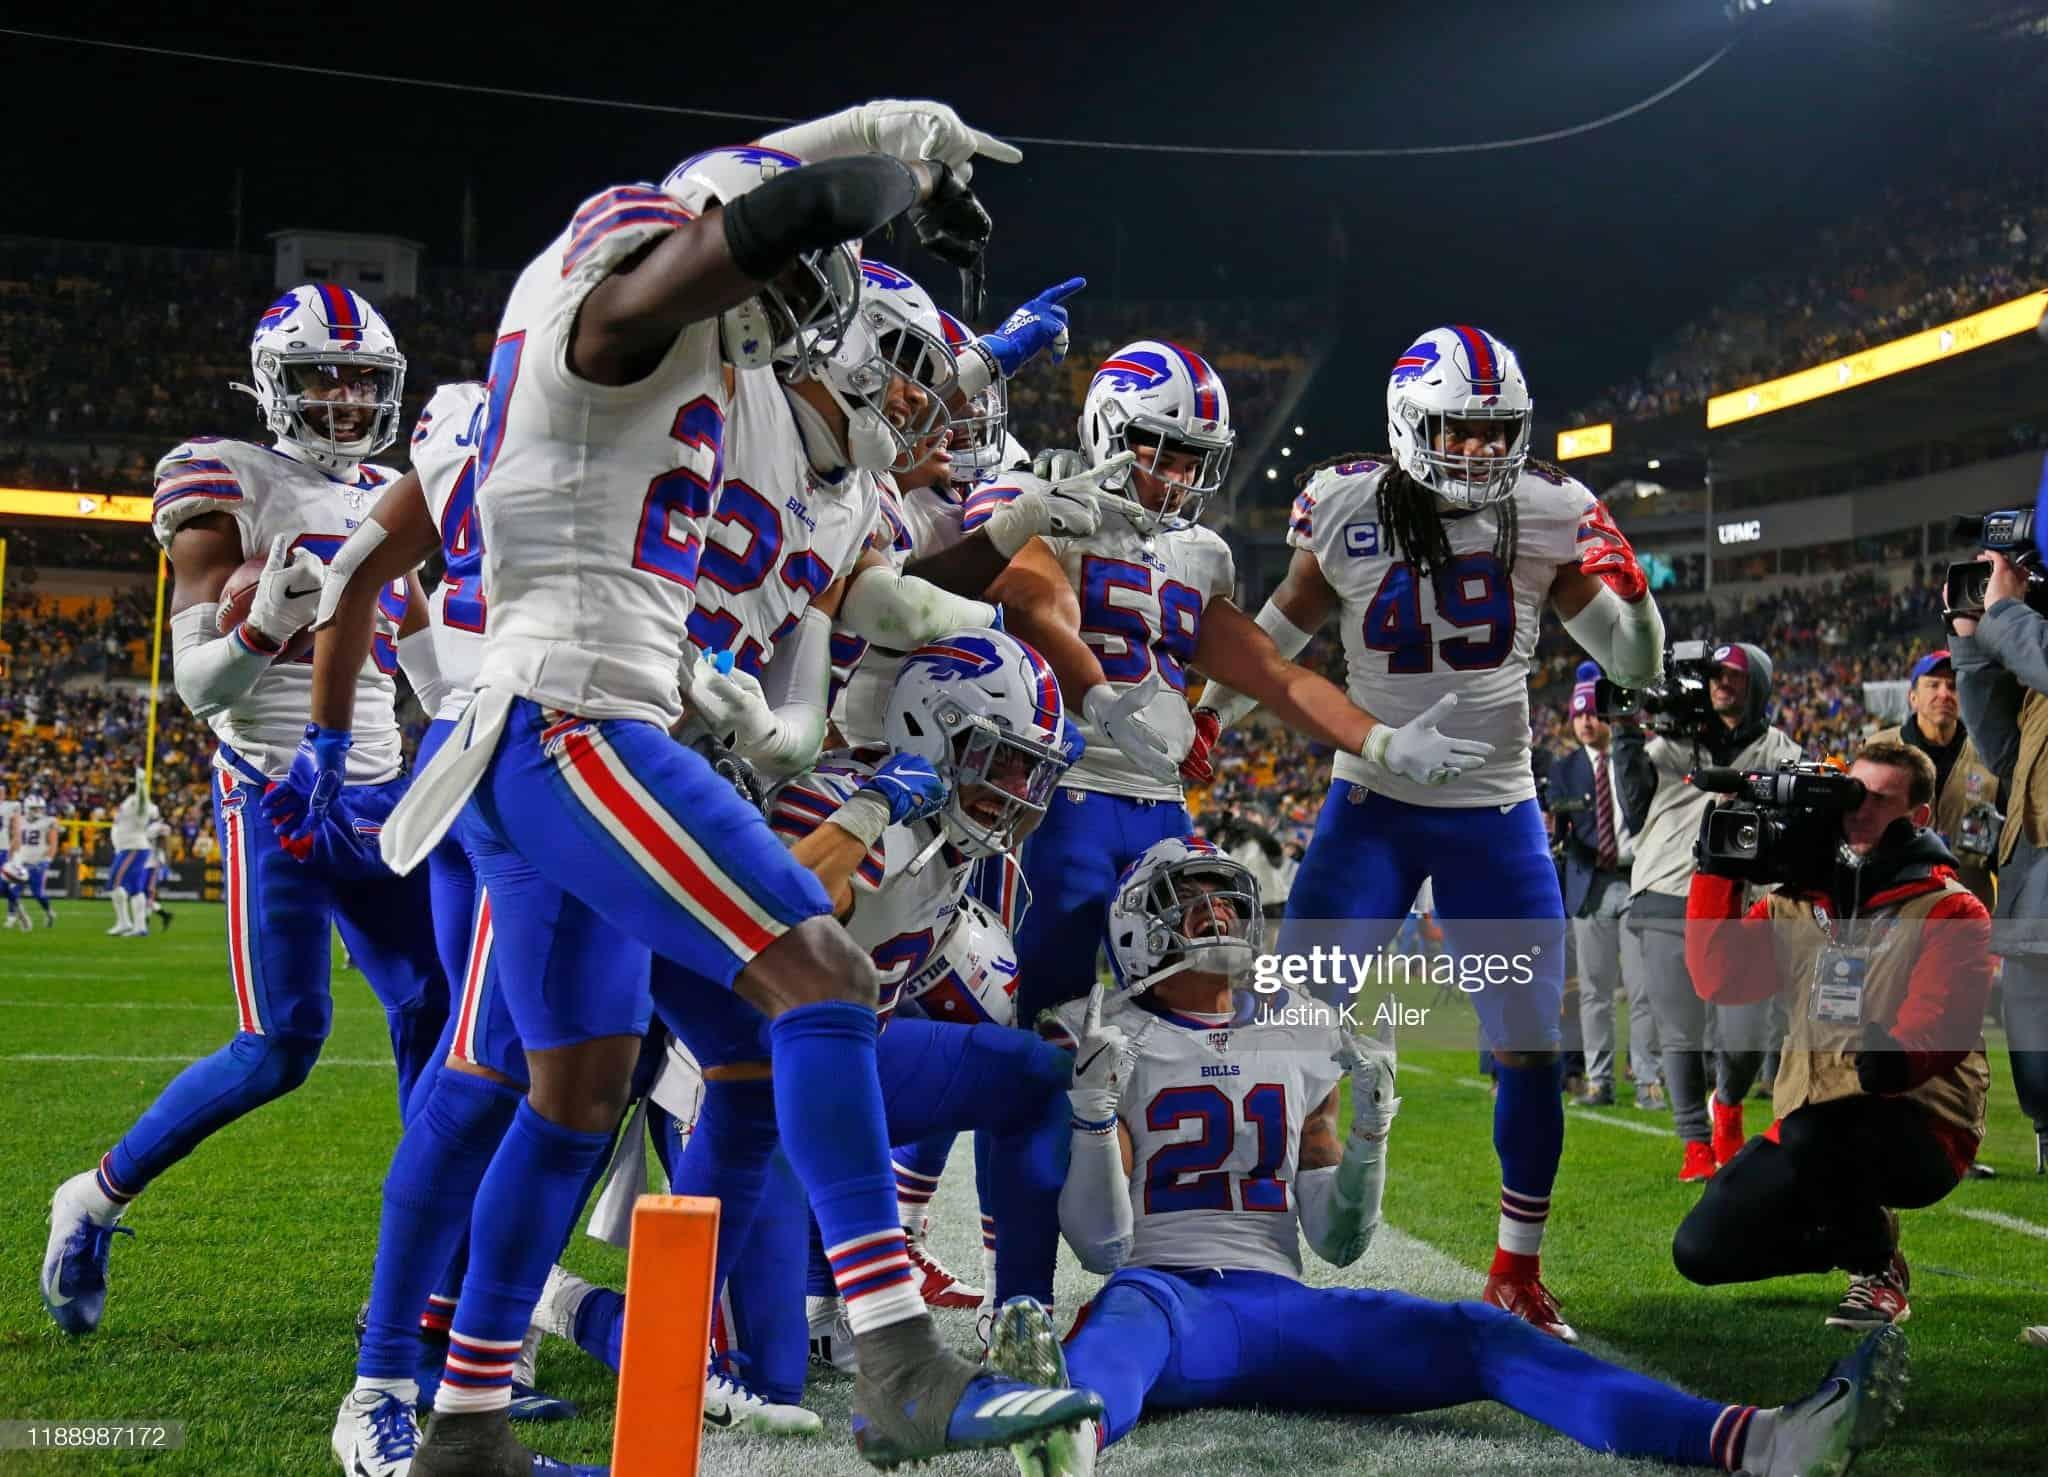 2021 NFL Predictions: Bills